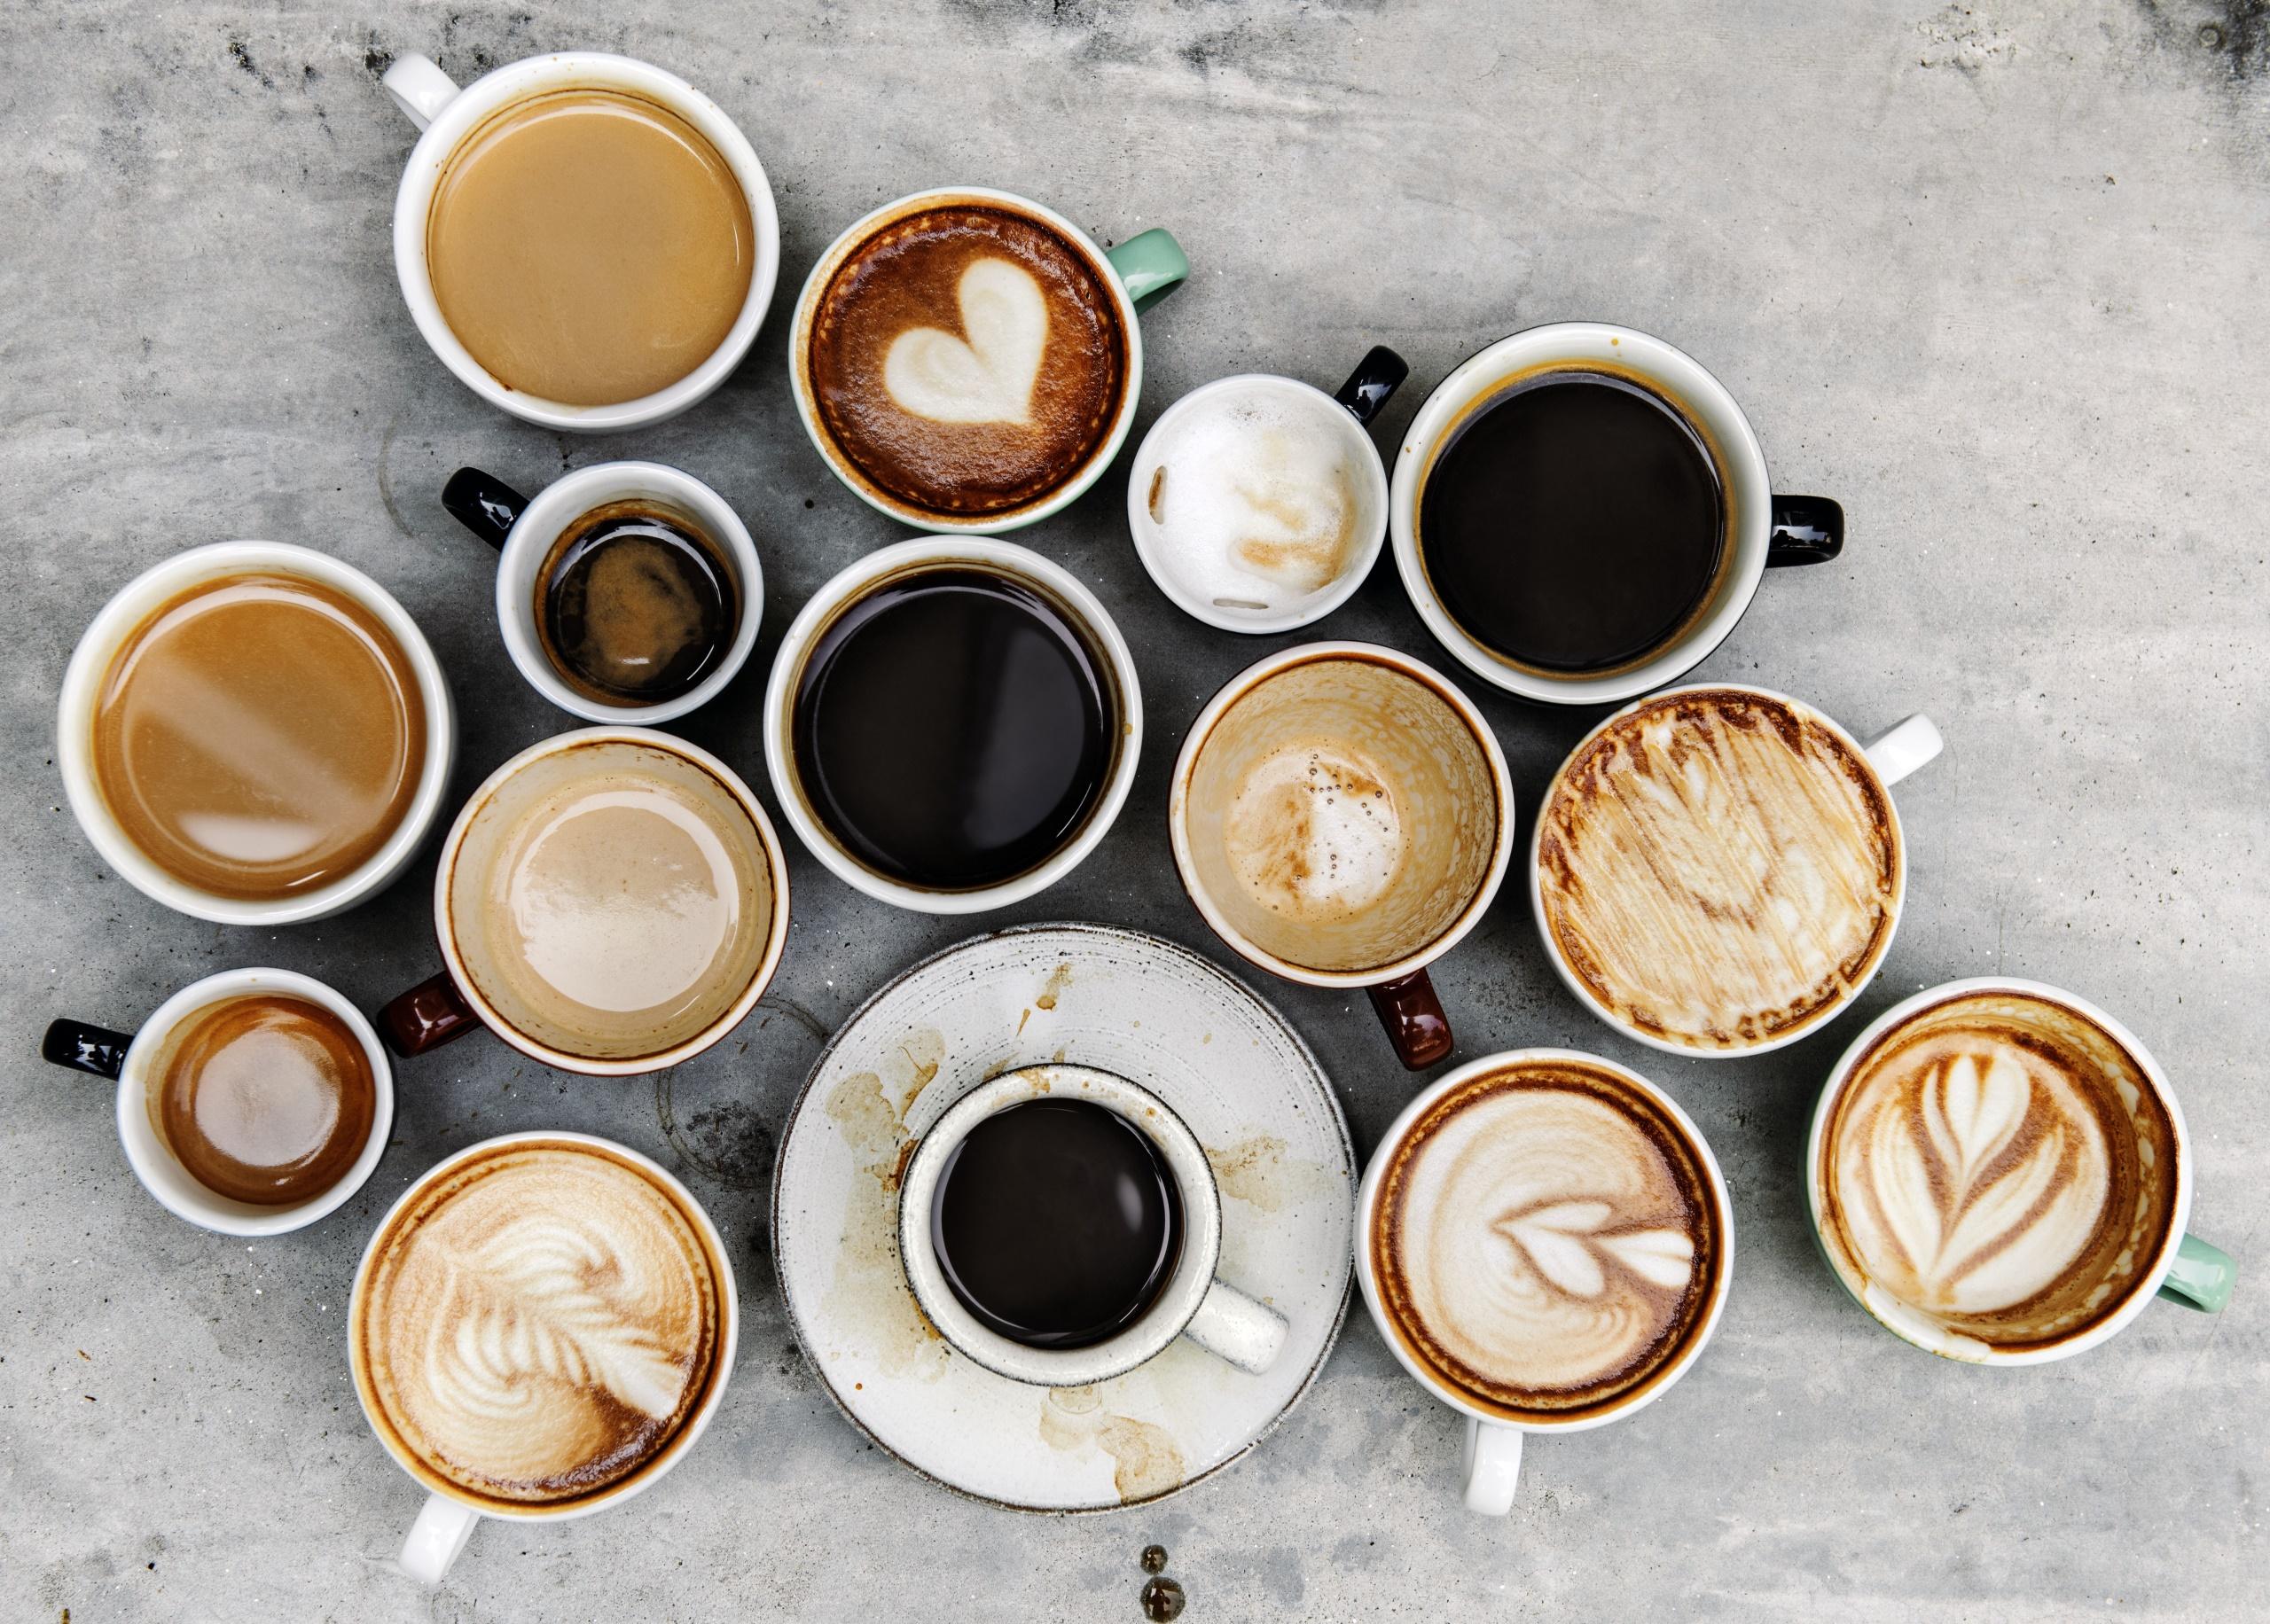 оживленной беседой много чашек кофе фото это